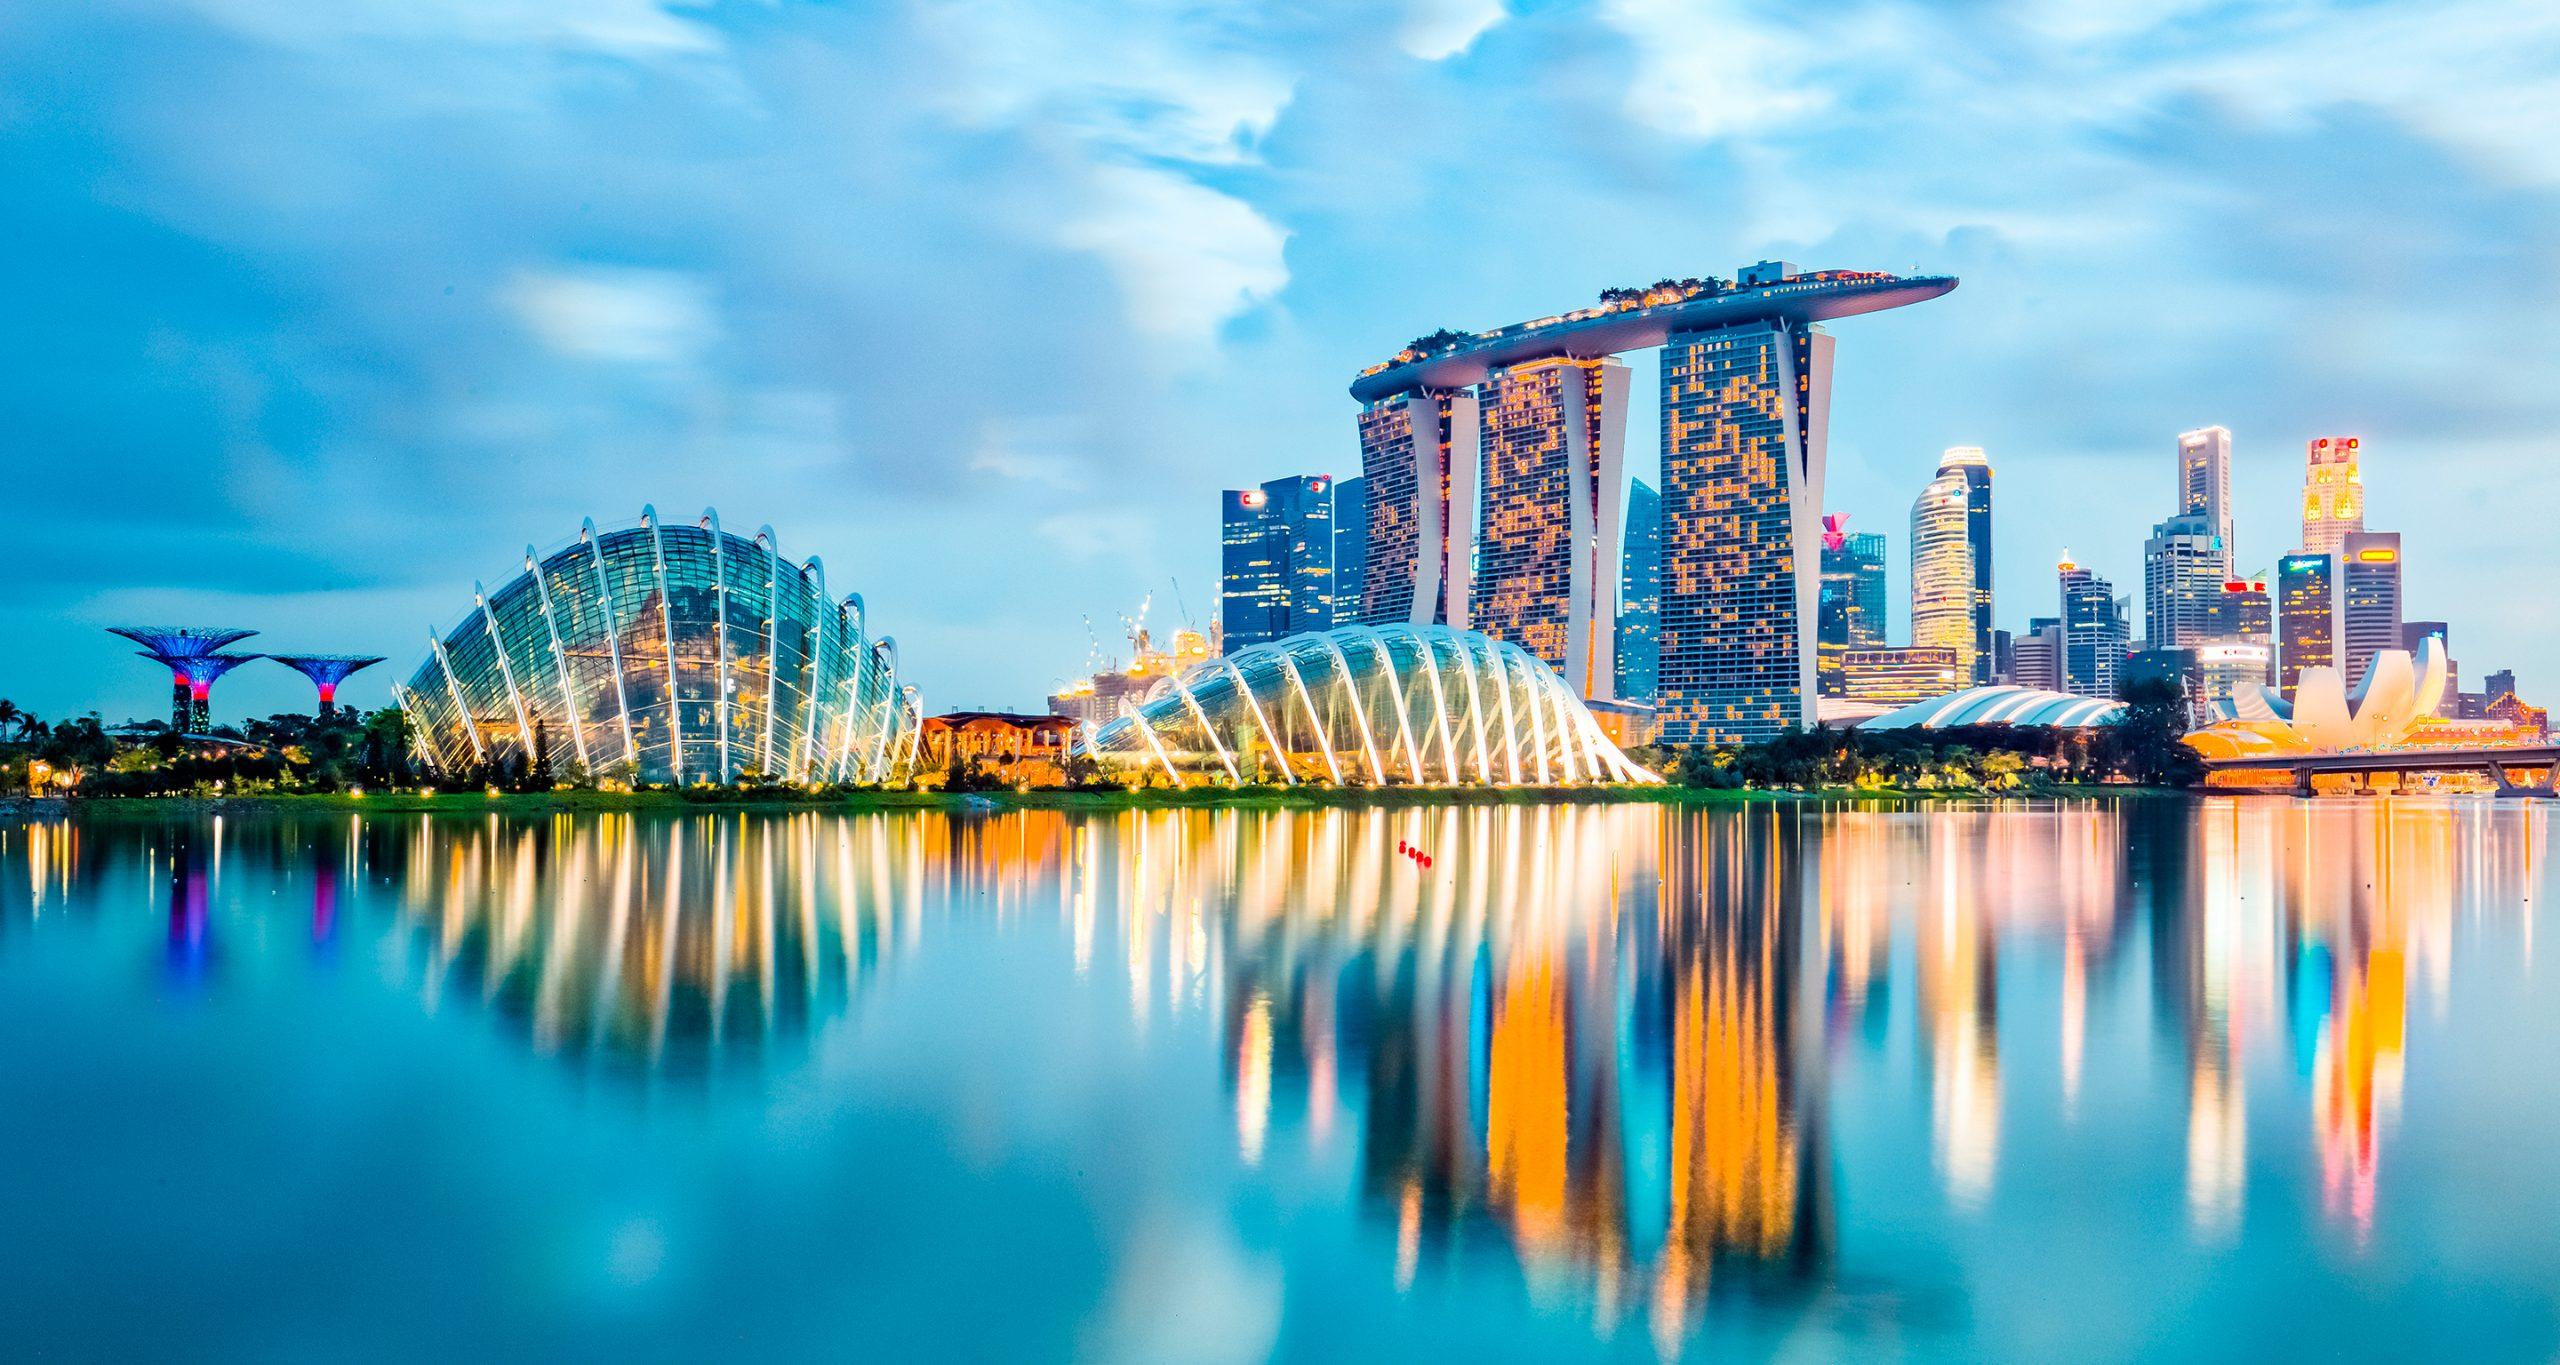 Dịch vụ gửi hàng xách tay đi Singapore nhanh chóng nhất